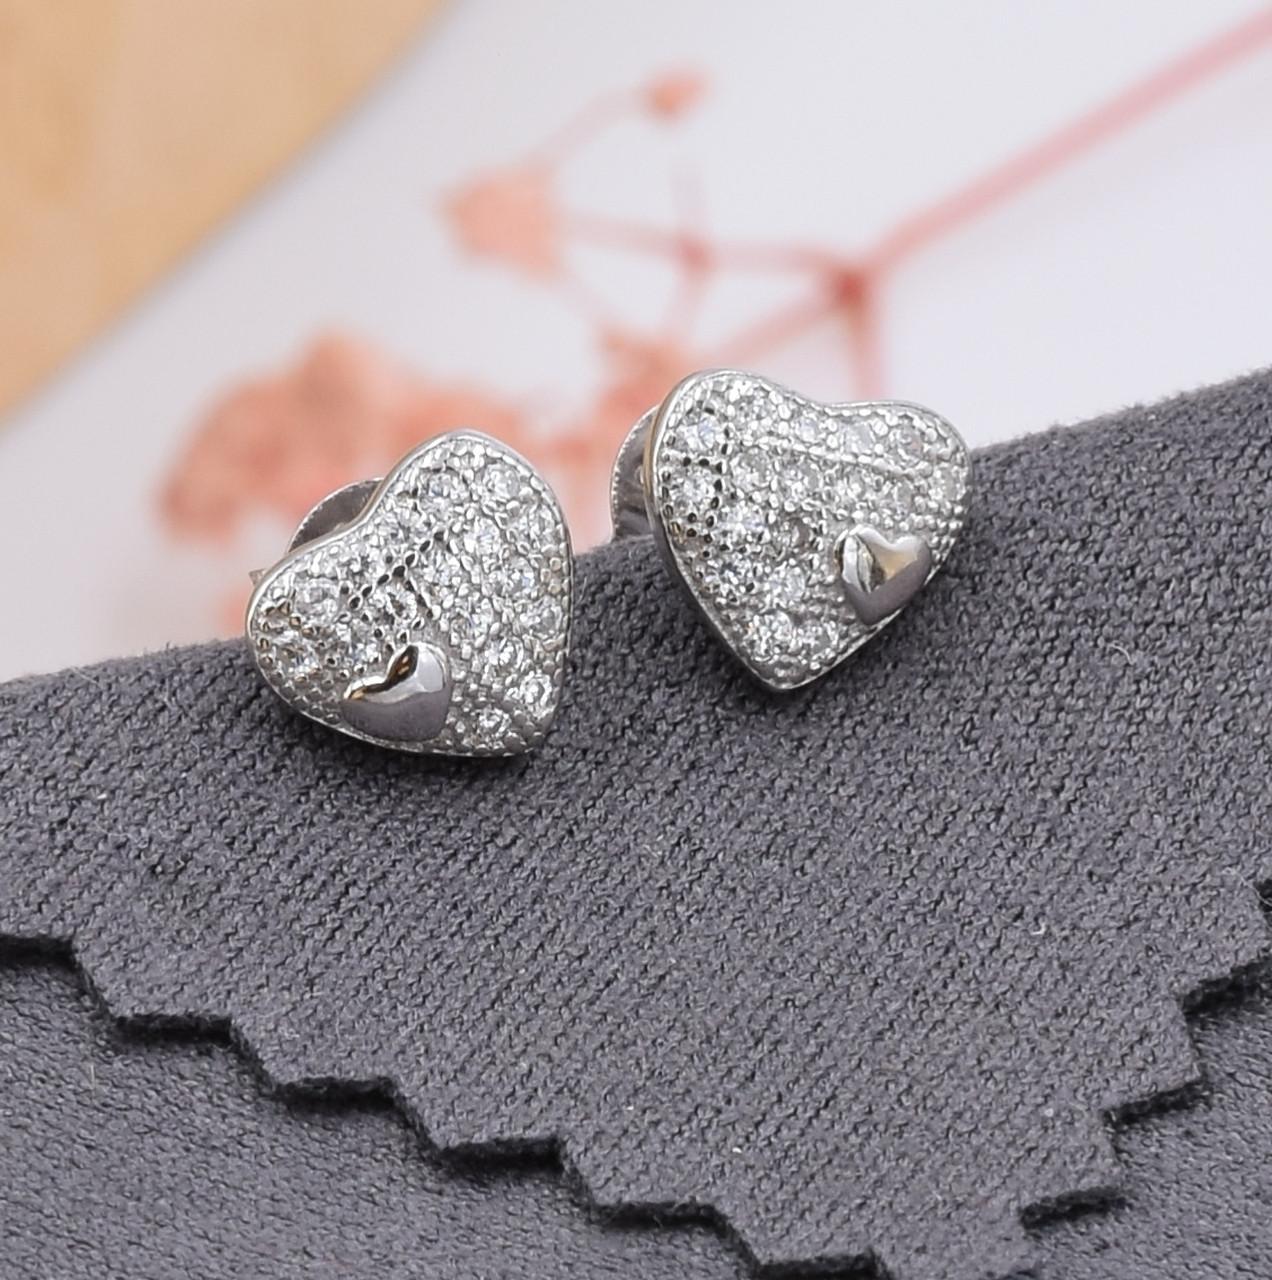 Серебряные серьги гвоздики размер 7х8 мм вставка белые фианиты вес 1.4 г